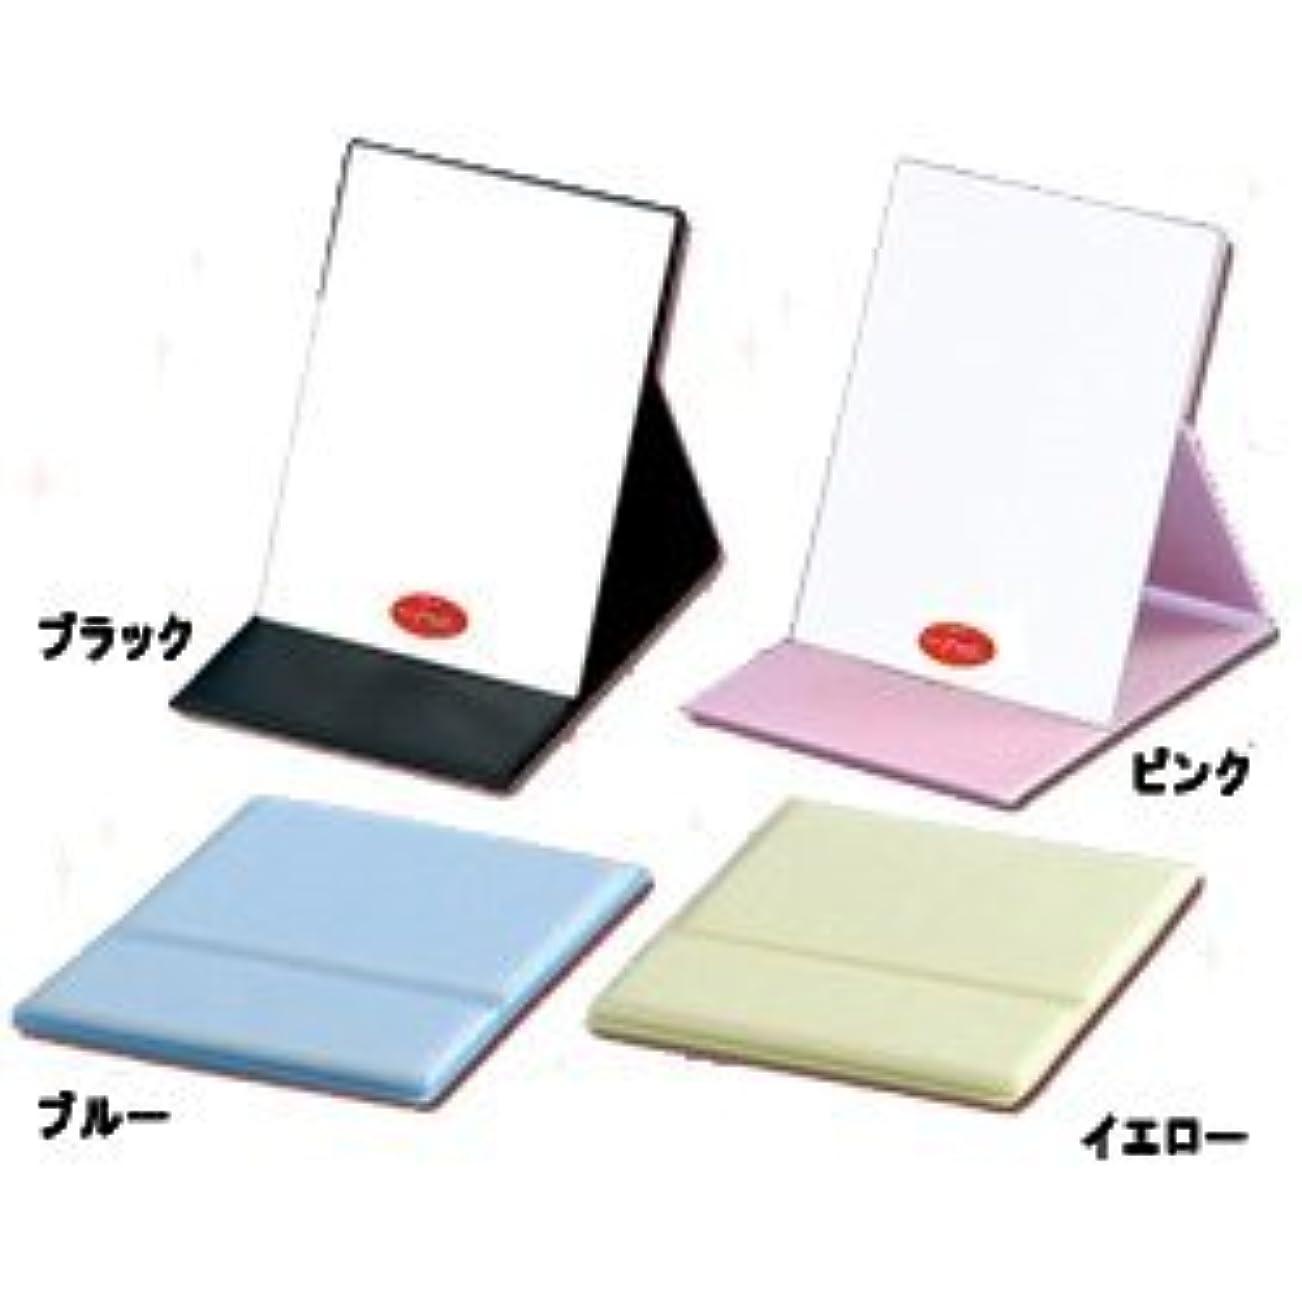 体操異形音楽ナピュア プロモデル カラーバージョン折立ミラー M ブラック